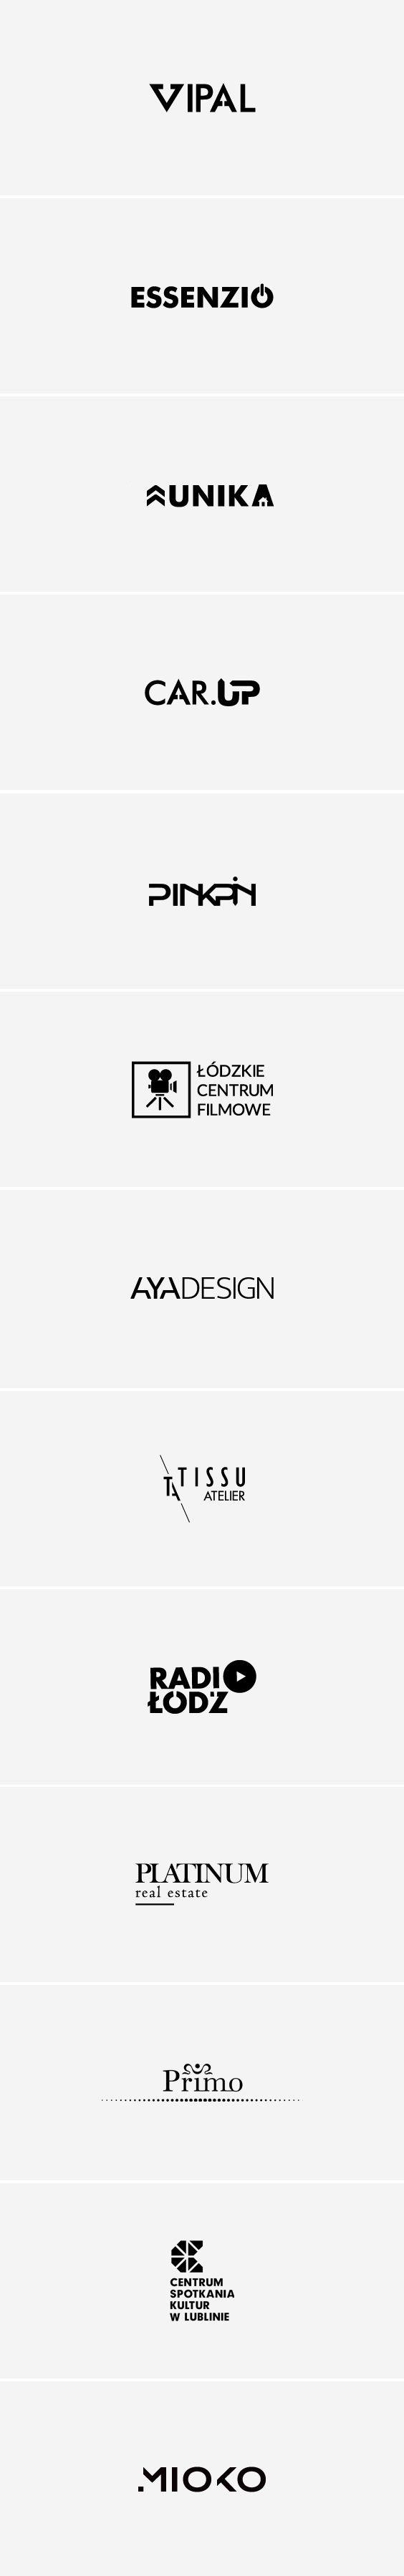 LOGOS by PINKPIN (Izabela Matuszewska) Brand identity